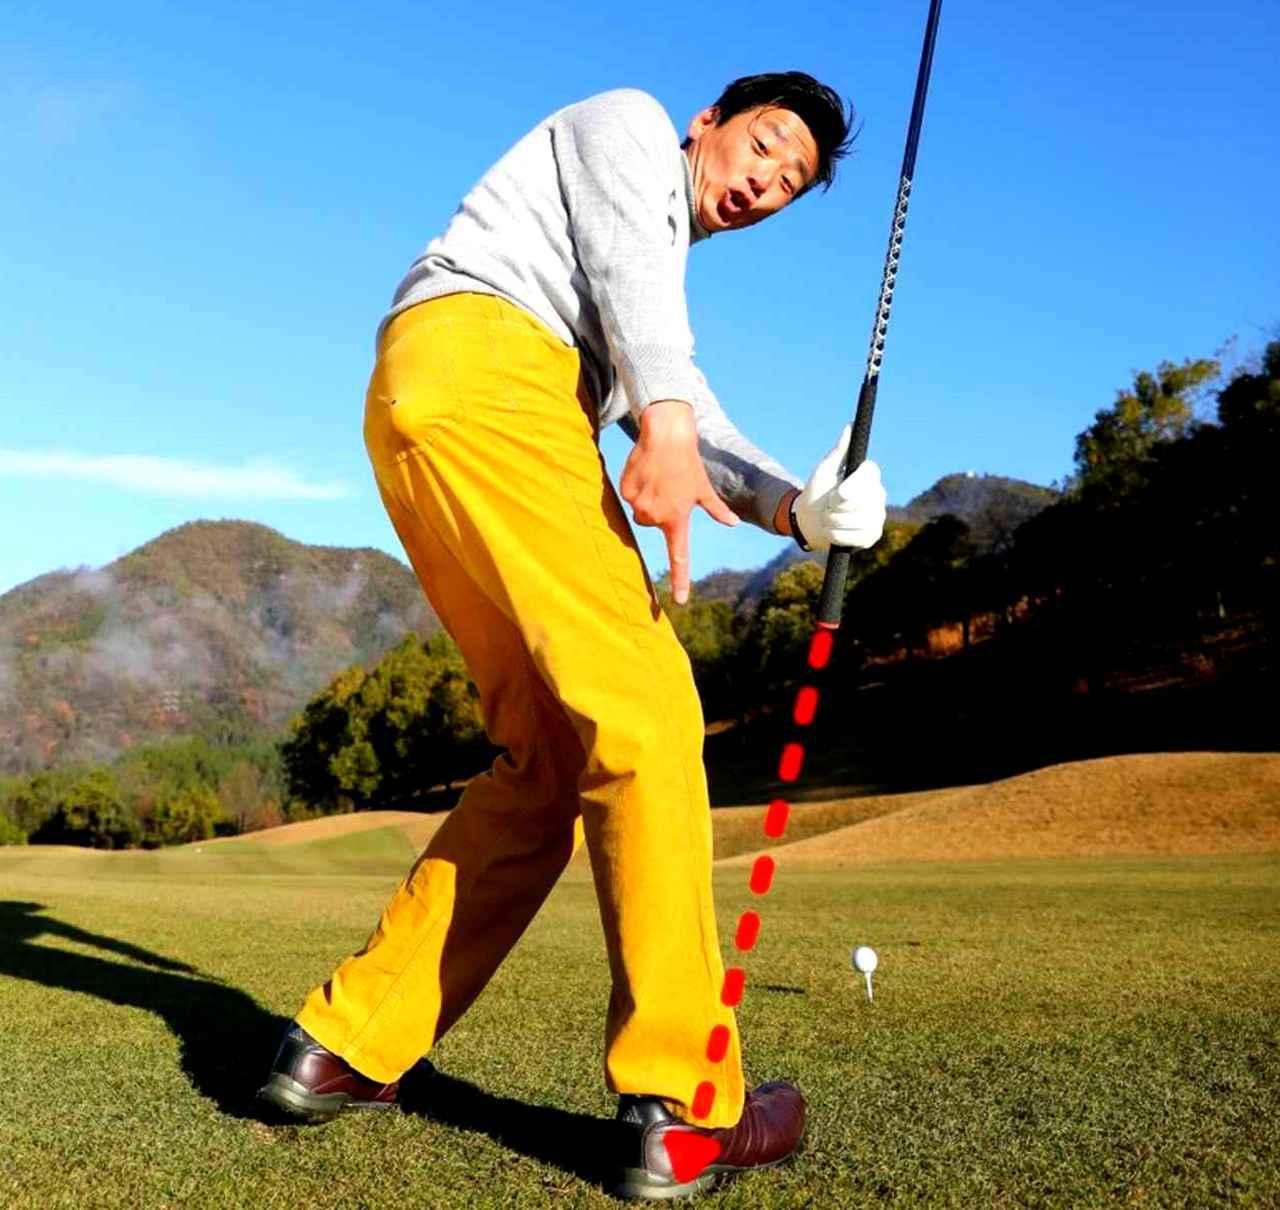 画像: 【飛ばし】プラス20ヤードの可能性。武市悦宏プロは「切り返しでグリップエンドを右足かかとへ落とす」 - ゴルフへ行こうWEB by ゴルフダイジェスト